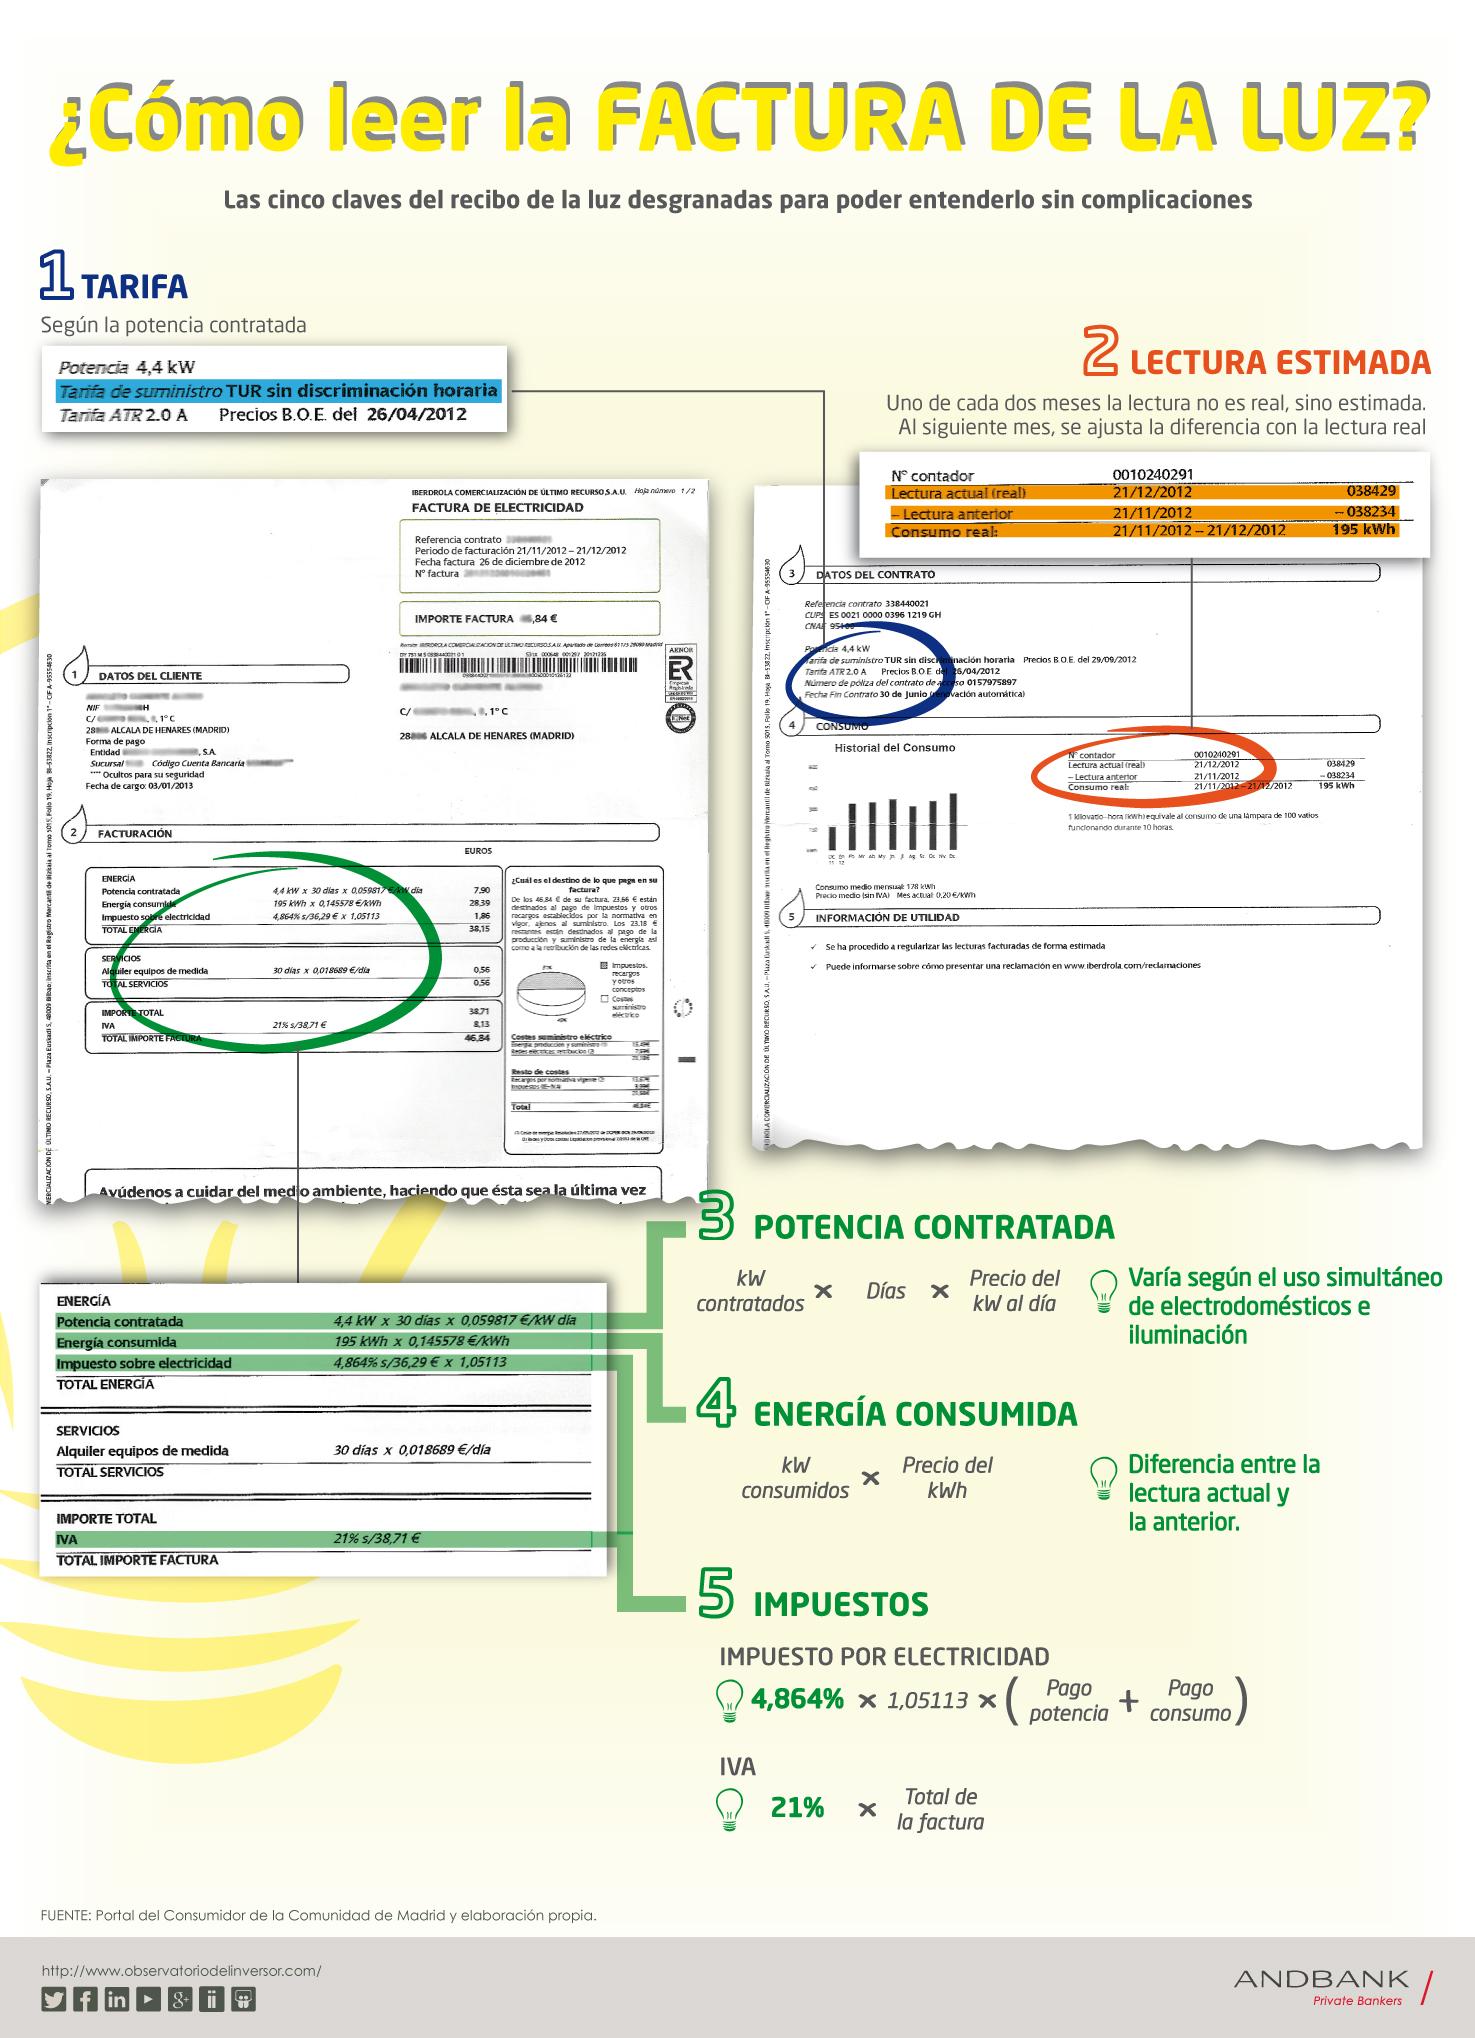 Andbank_infografía_factura_luz